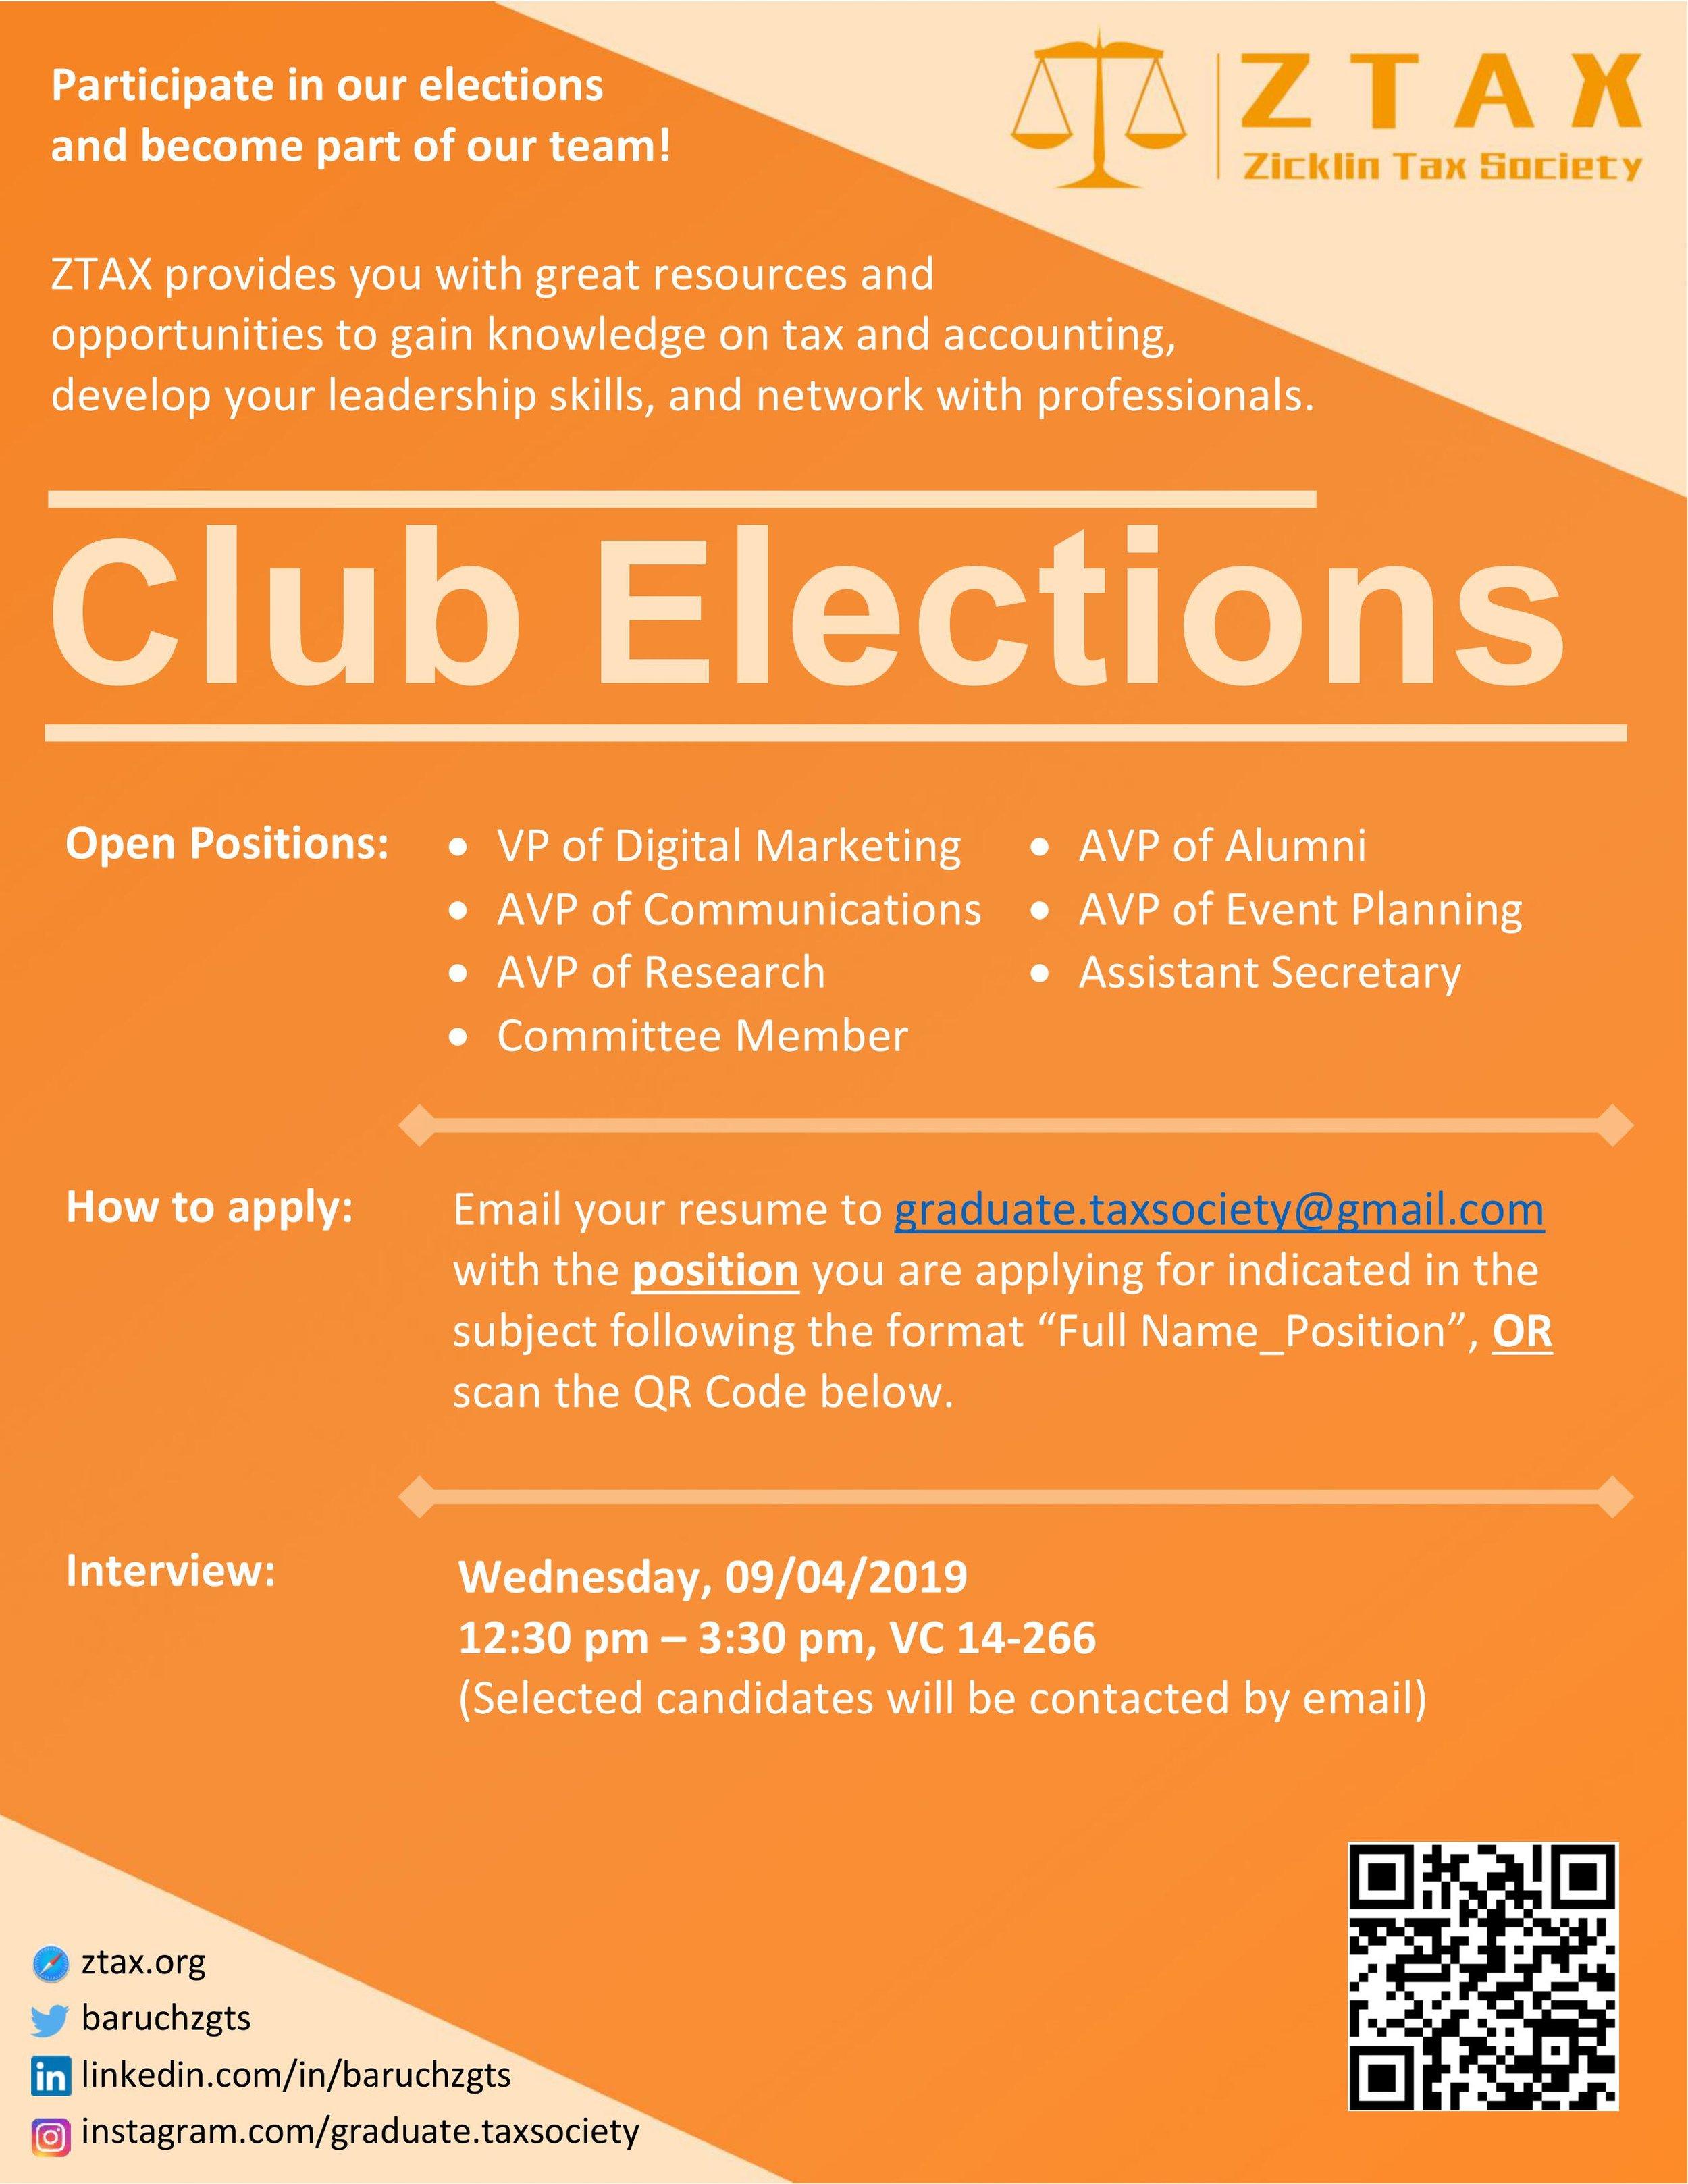 Fall 2019 Club Election.jpg